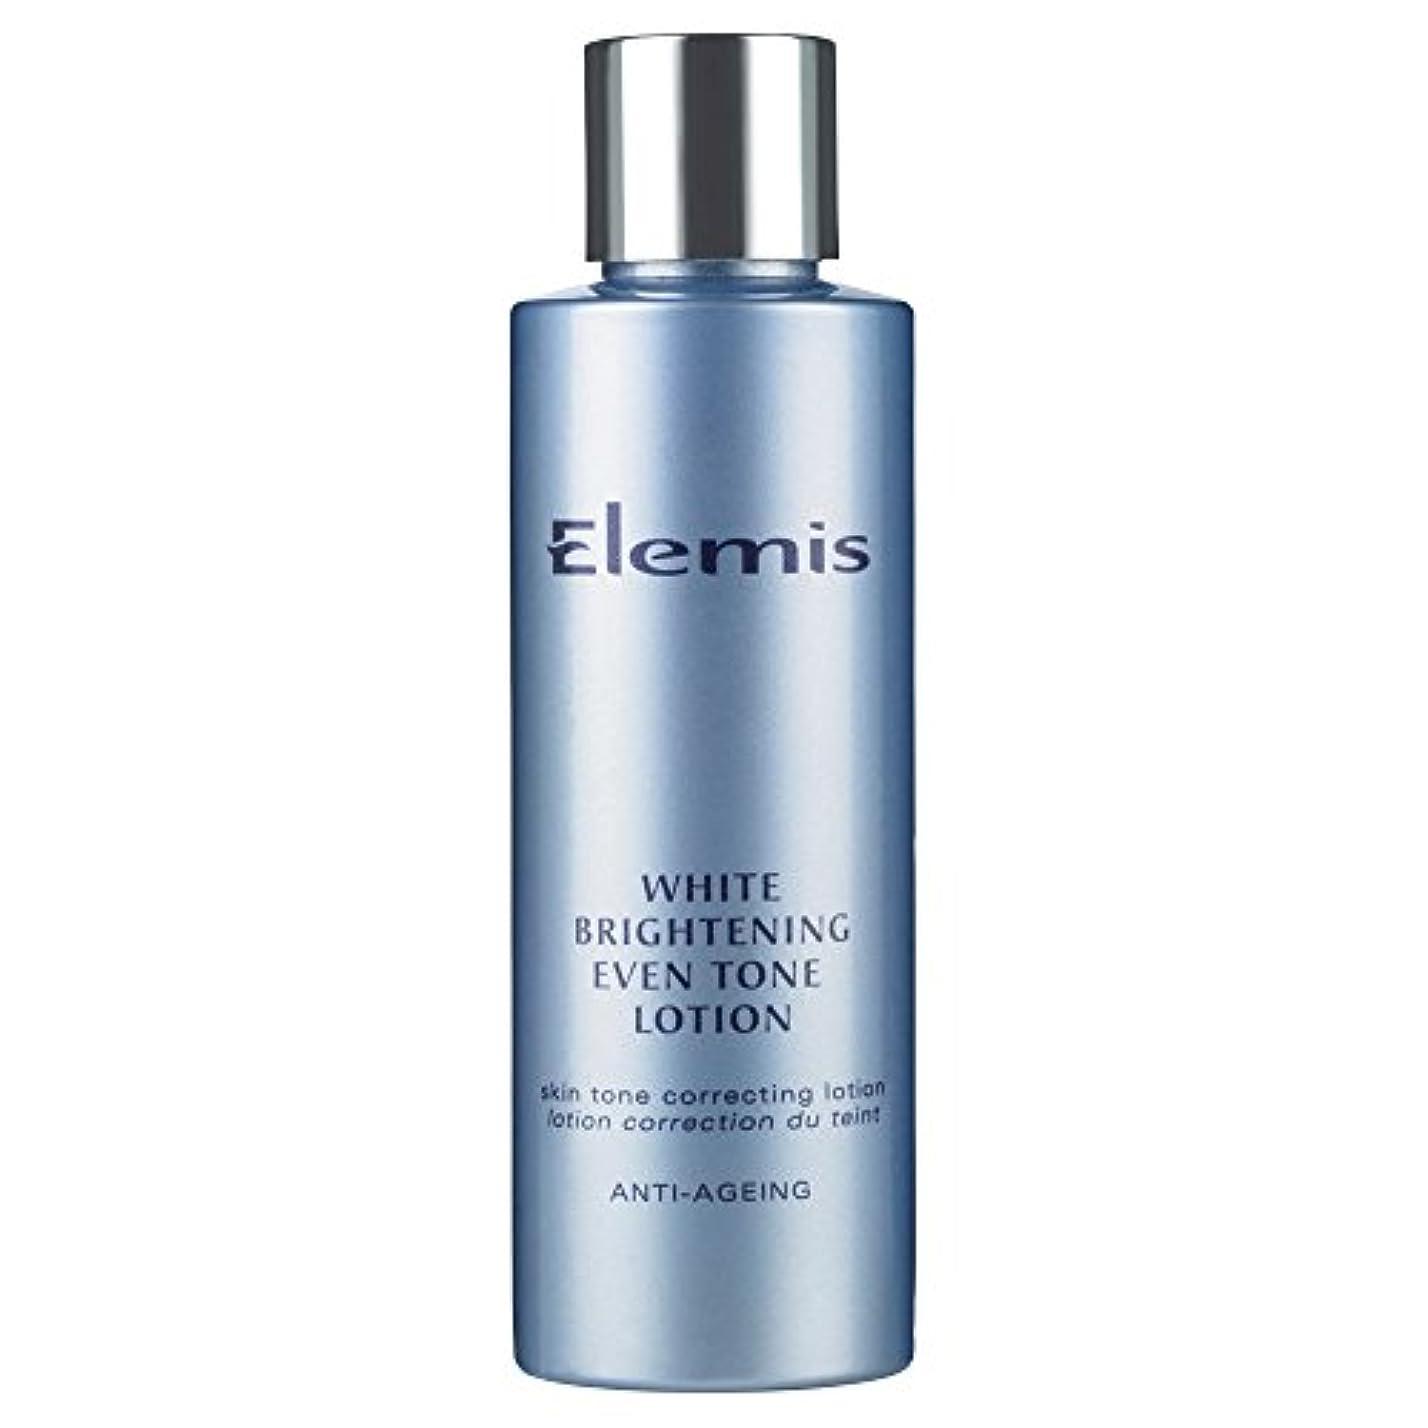 豊富な乙女メンバーエレミス白い光沢さえトーンローション150ミリリットル (Elemis) - Elemis White Brightening Even Tone Lotion 150ml [並行輸入品]